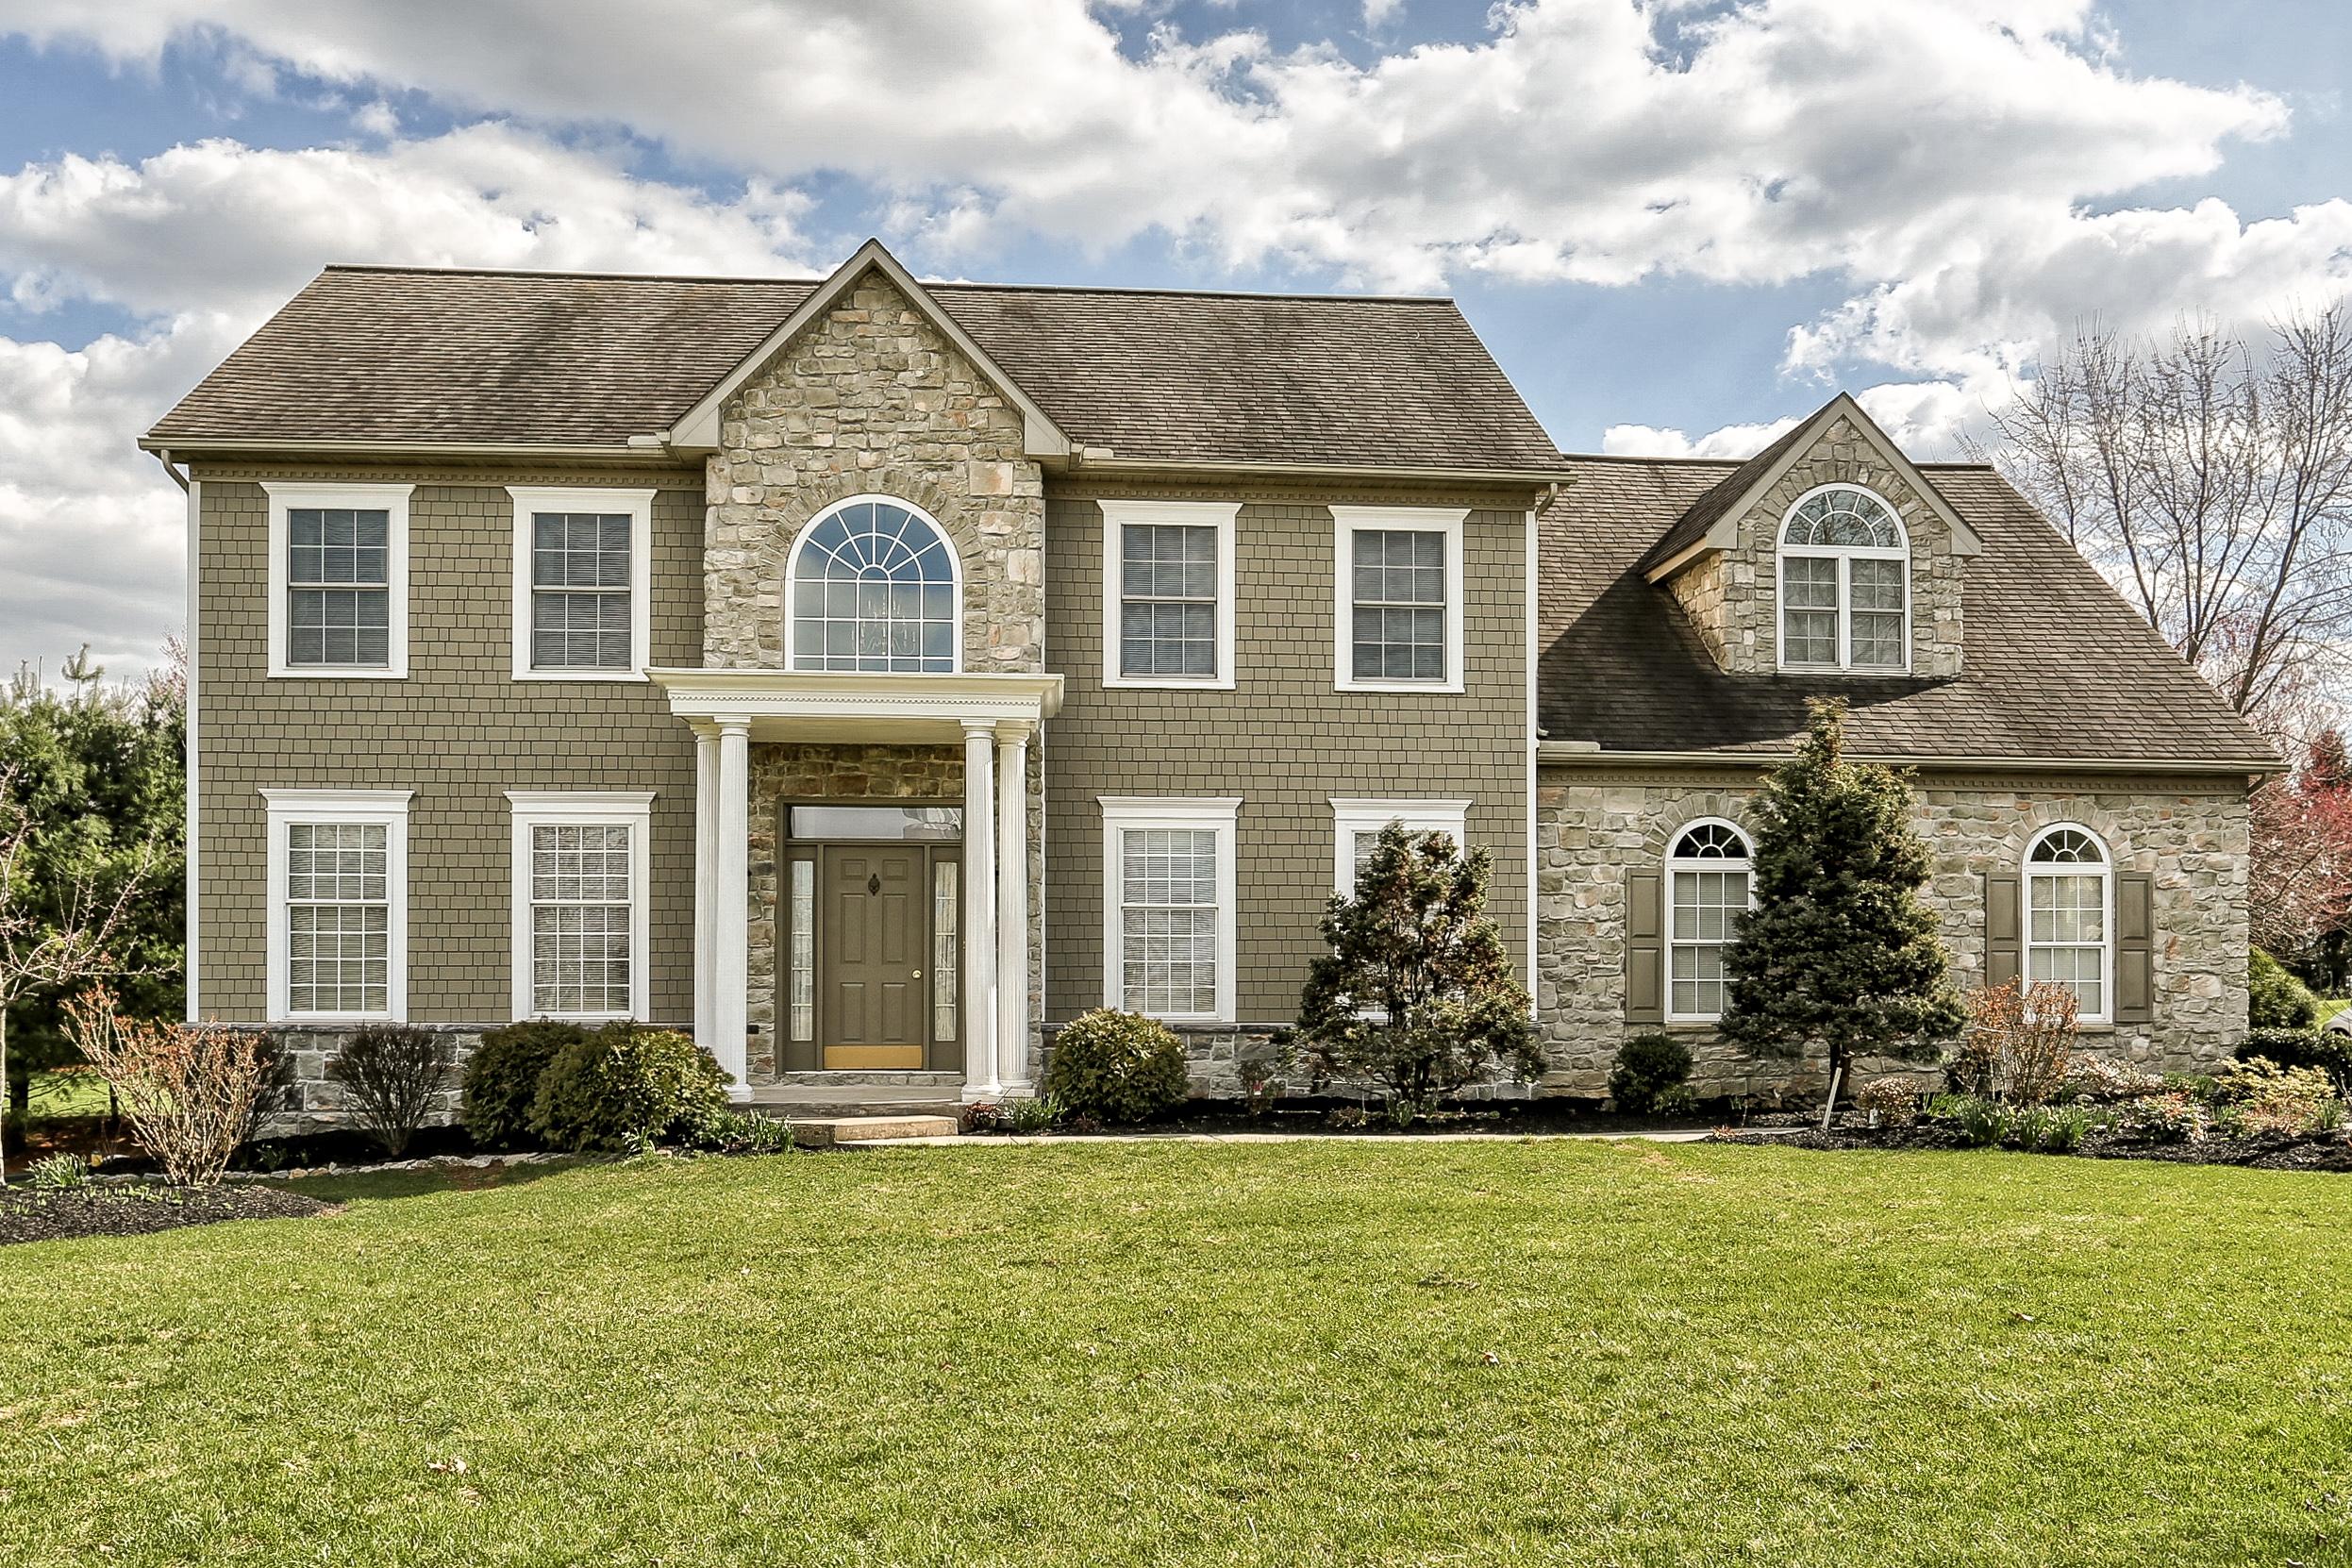 Casa Unifamiliar por un Venta en 304 Sarsen Drive Lititz, Pennsylvania 17543 Estados Unidos